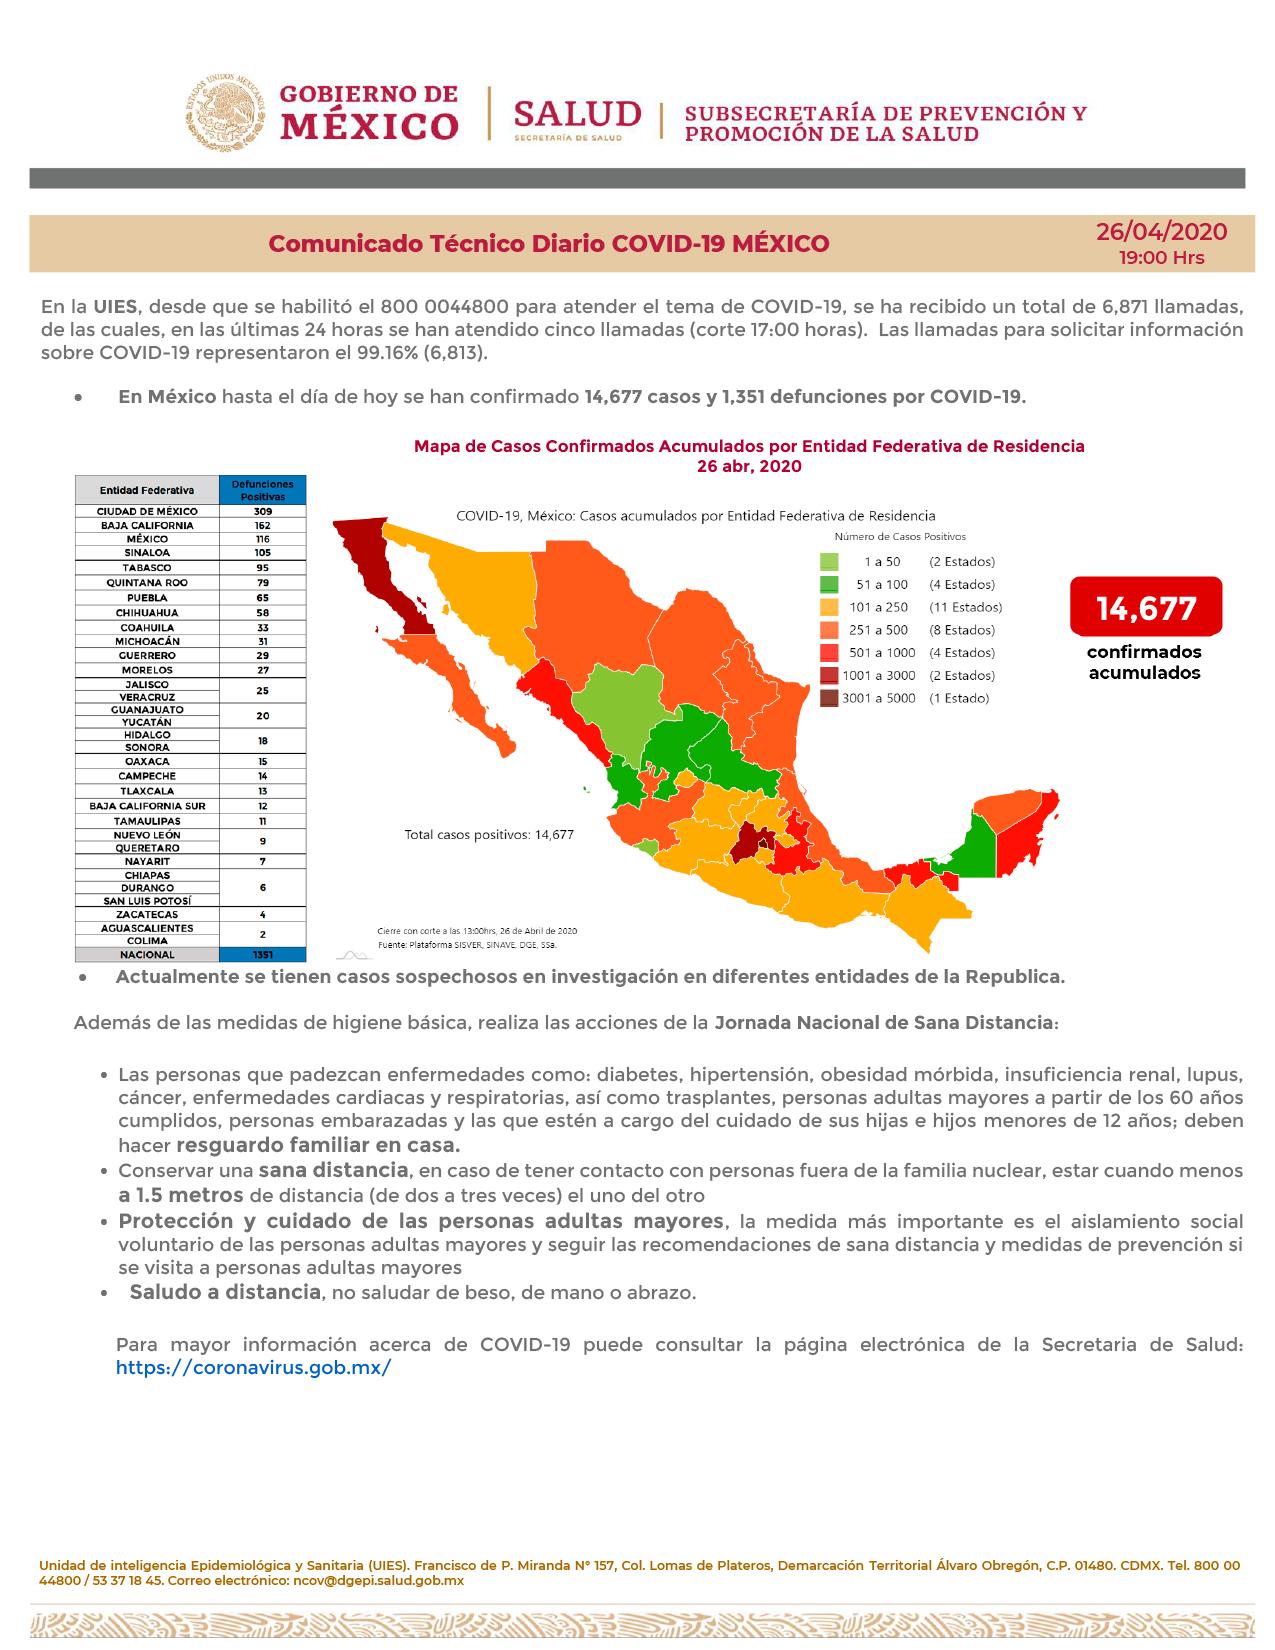 /cms/uploads/image/file/578949/Comunicado_Tecnico_Diario_COVID-19_2020.04.26-2.jpg